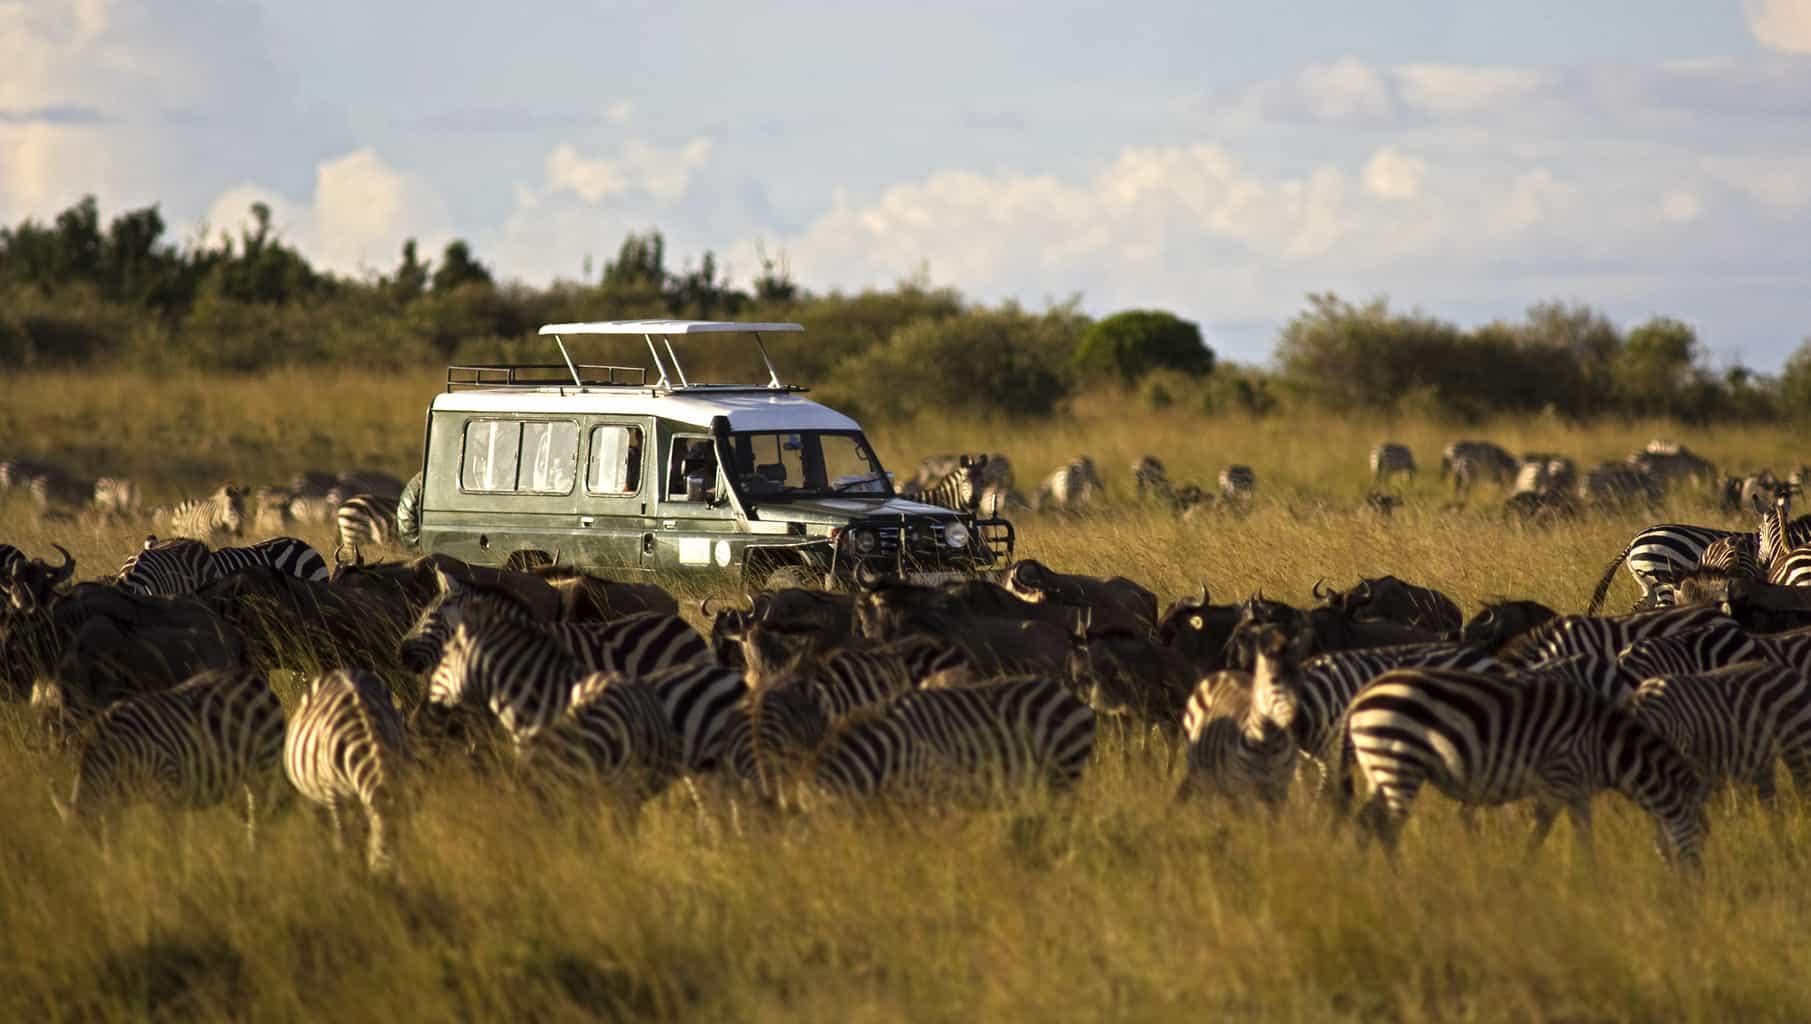 Na-Reserva-Nacional-Masai-Mara-os-safáris-normalmente-acontecem-a-bordo-de-jipes-bem-equipados-e-são-acompanhados-de-guias-especializados.